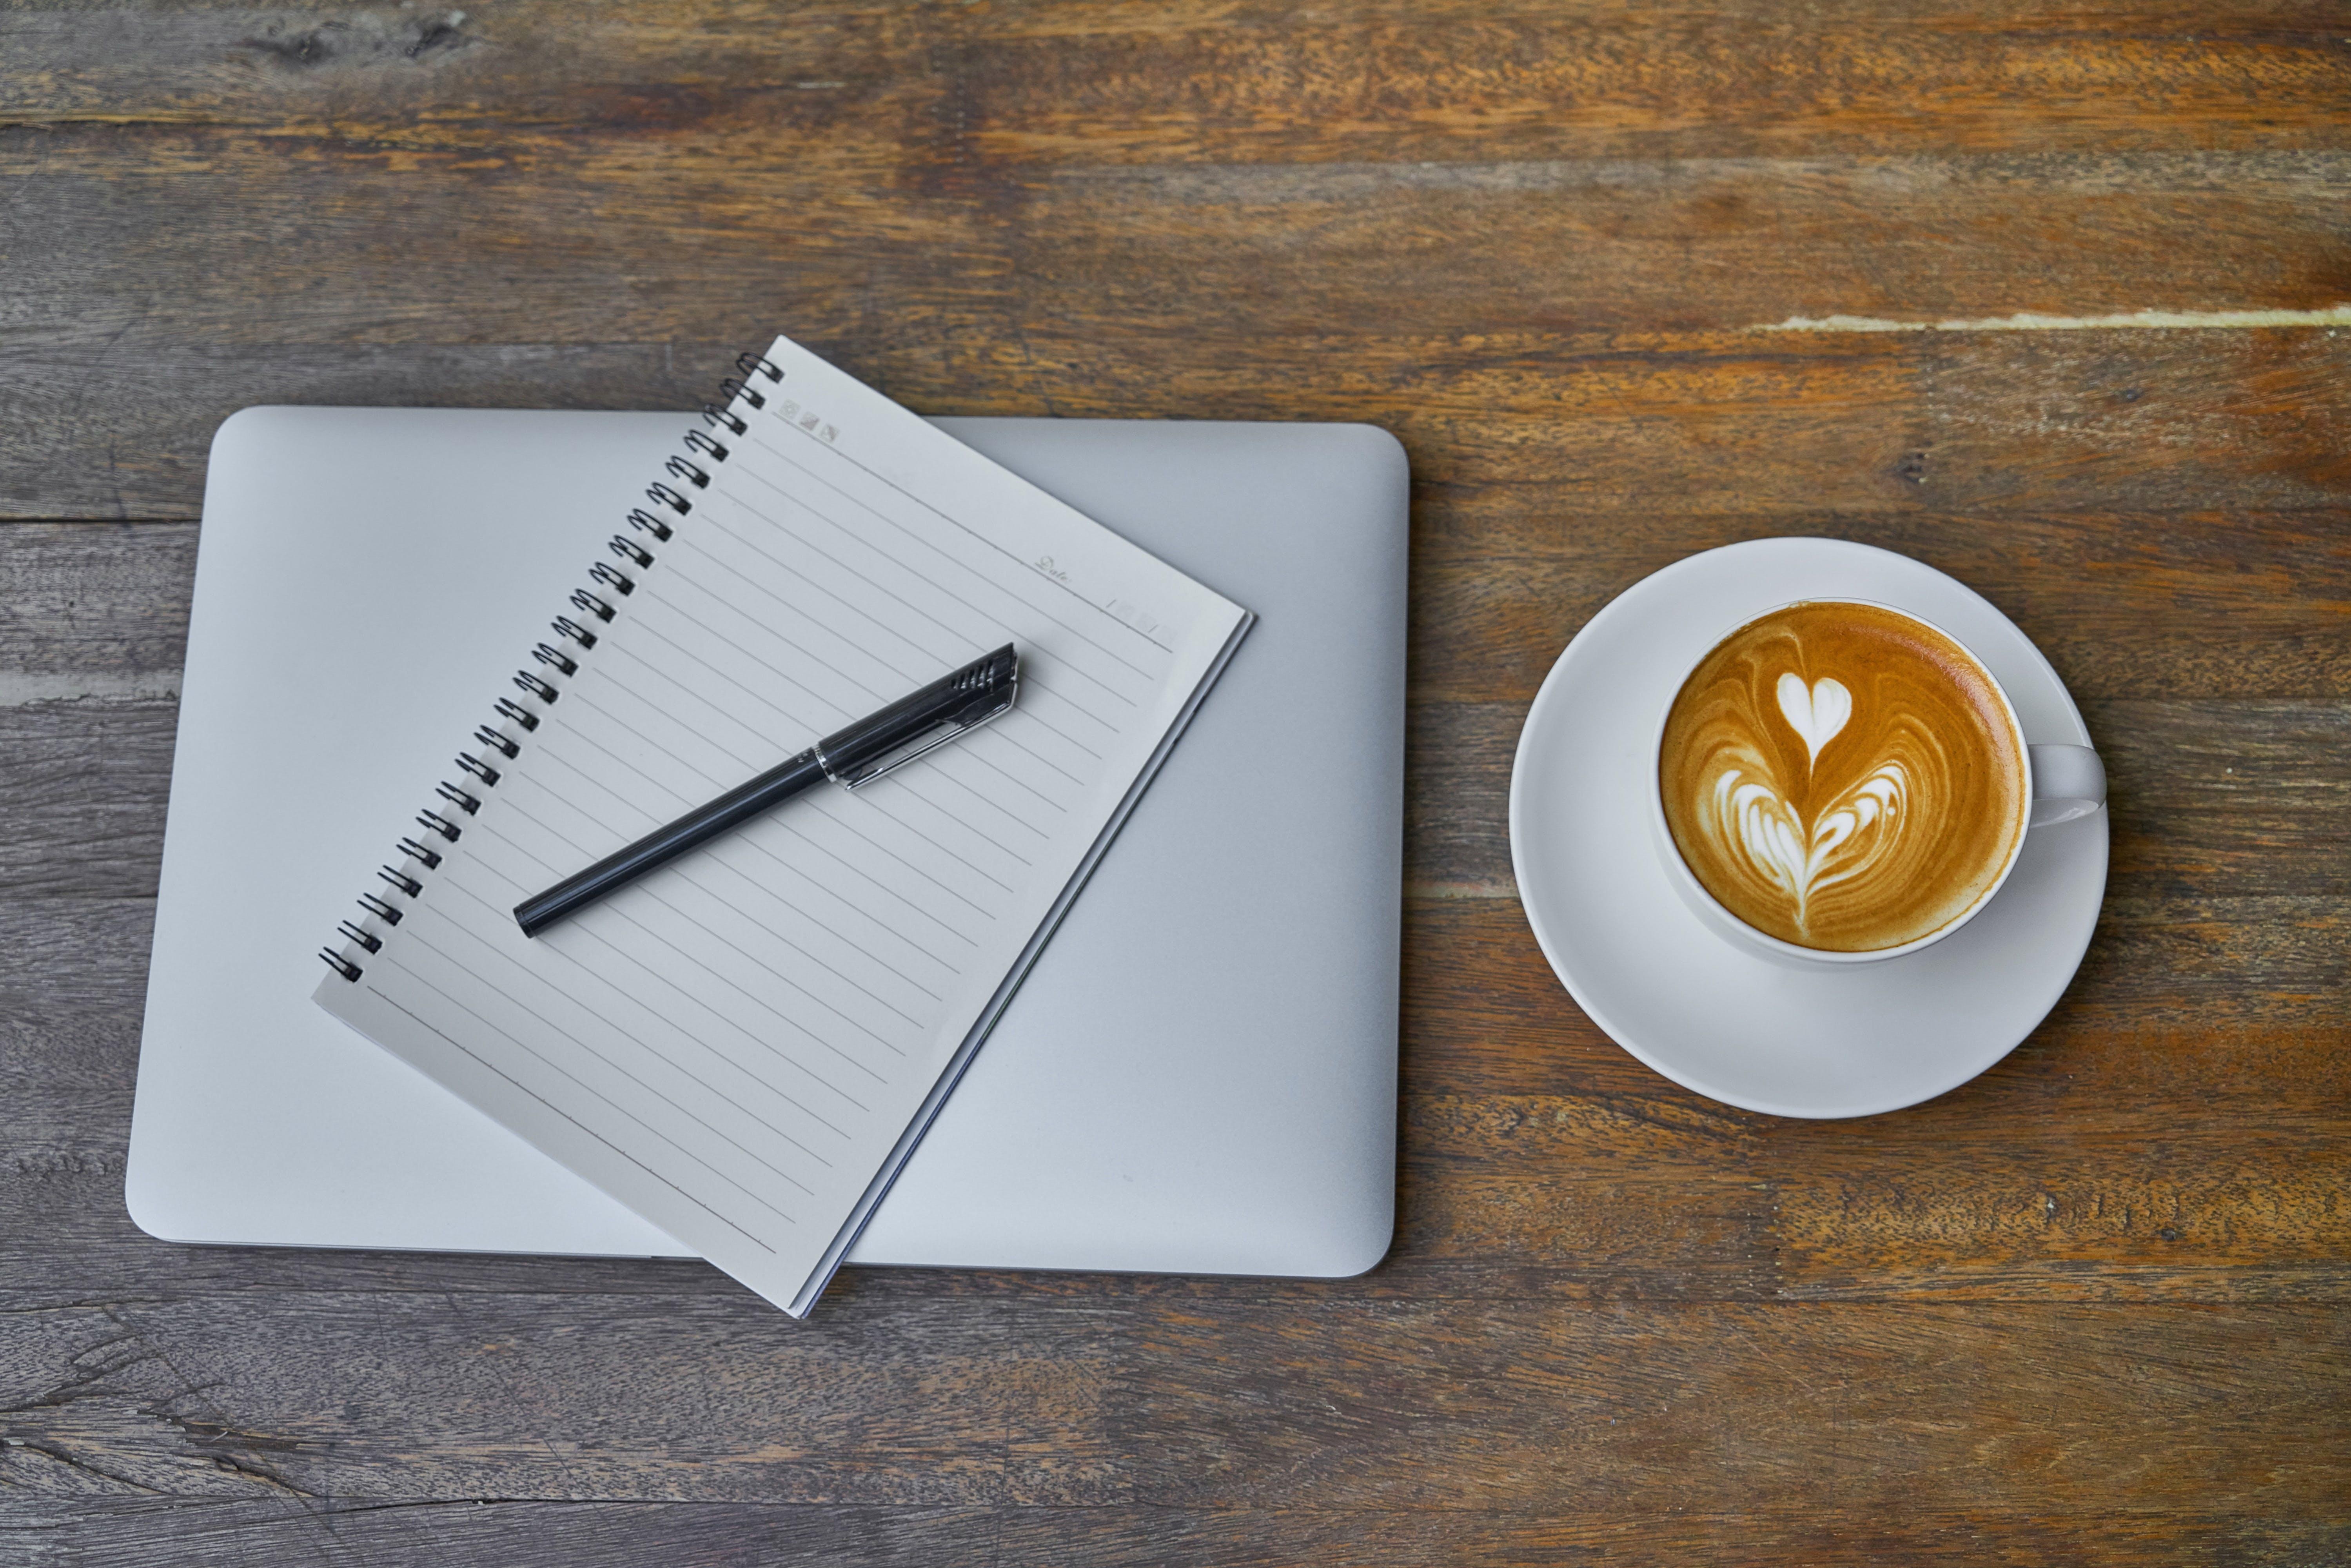 Foto stok gratis buku agenda, cangkir, cangkir kopi, cokelat